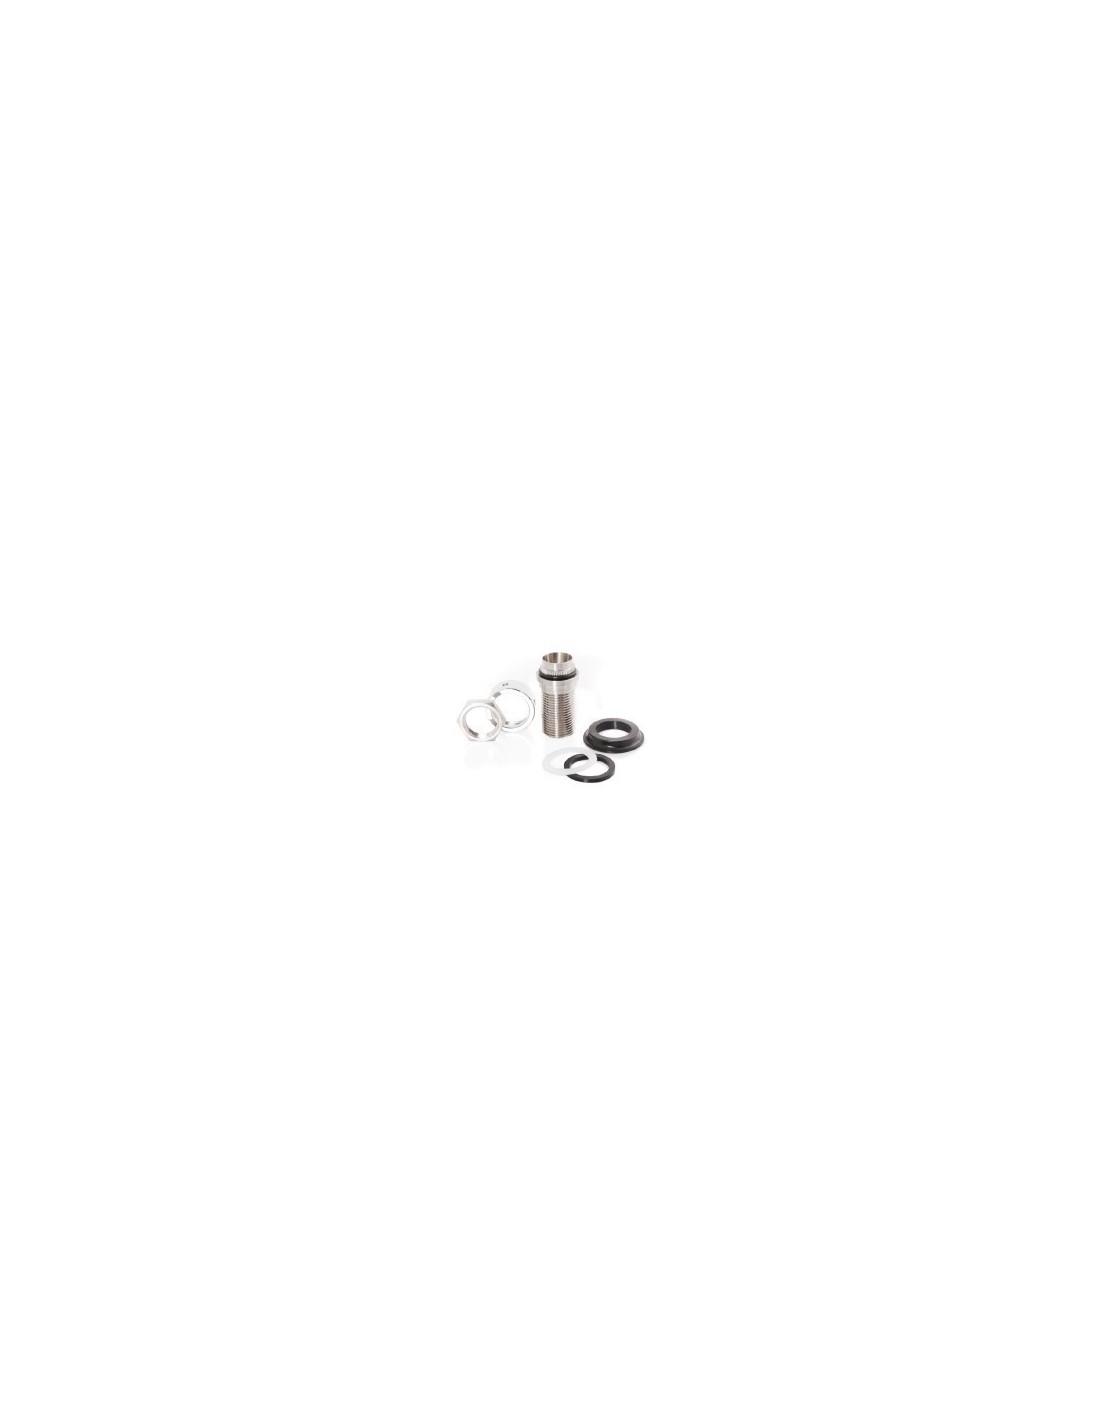 KOH02105 - Tillbehör - Komplett bakstycke (shank) till tappkran 35mm